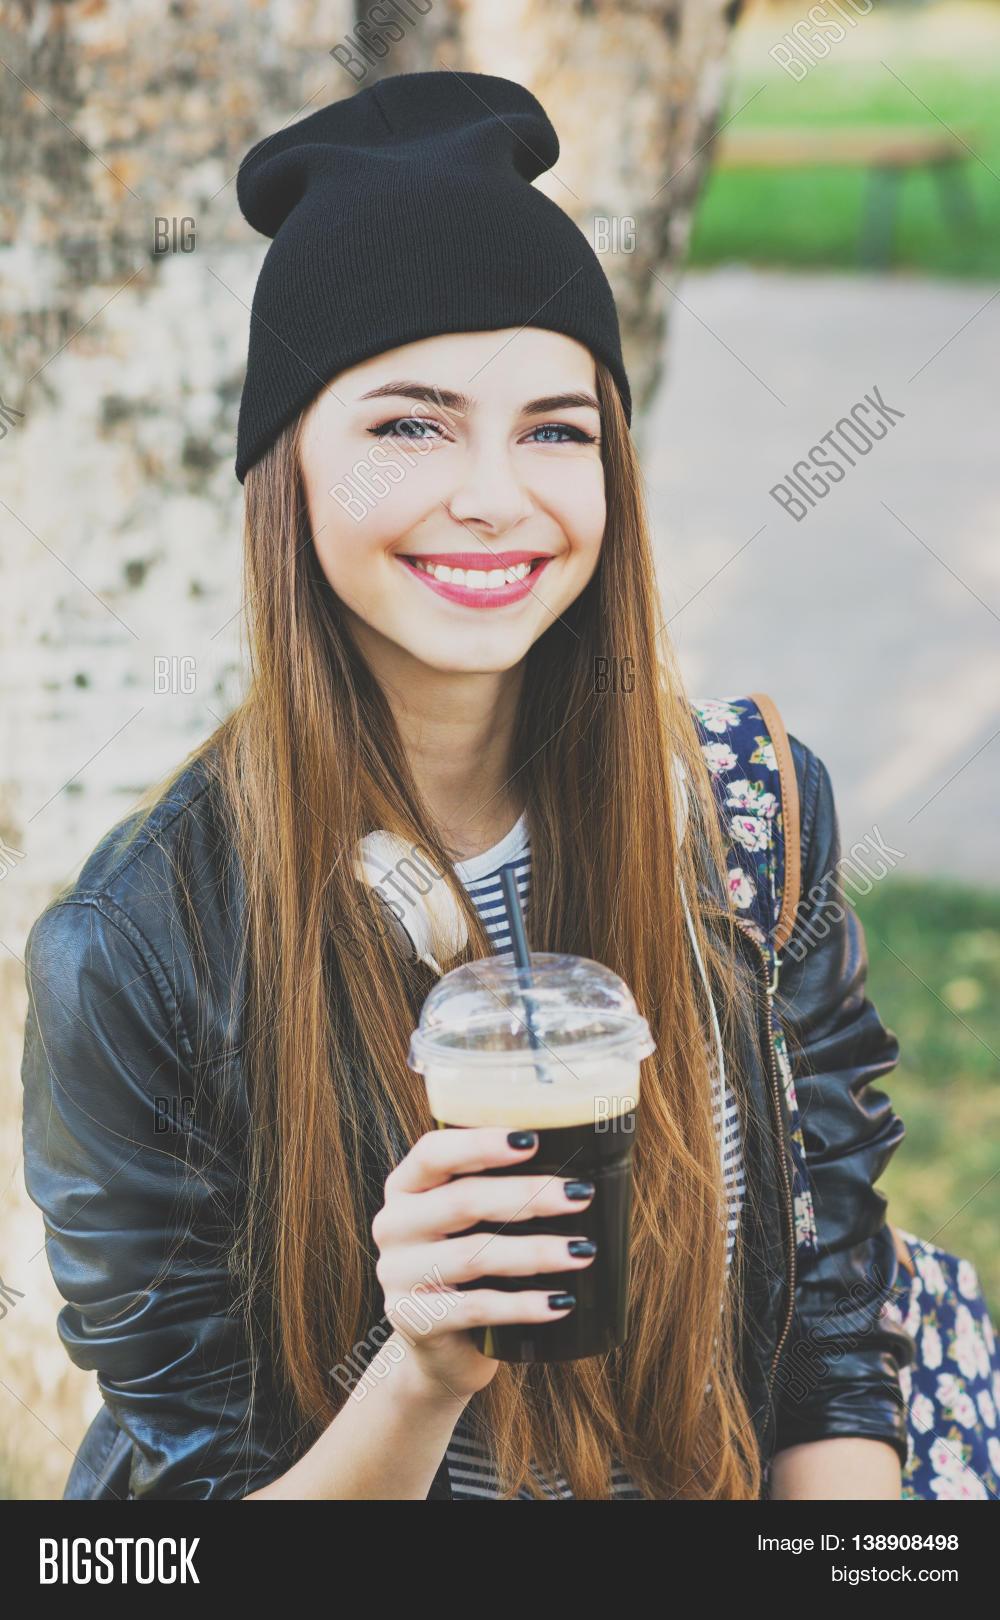 Cool Teenage Girl Drinking Coffee Image Photo Bigstock